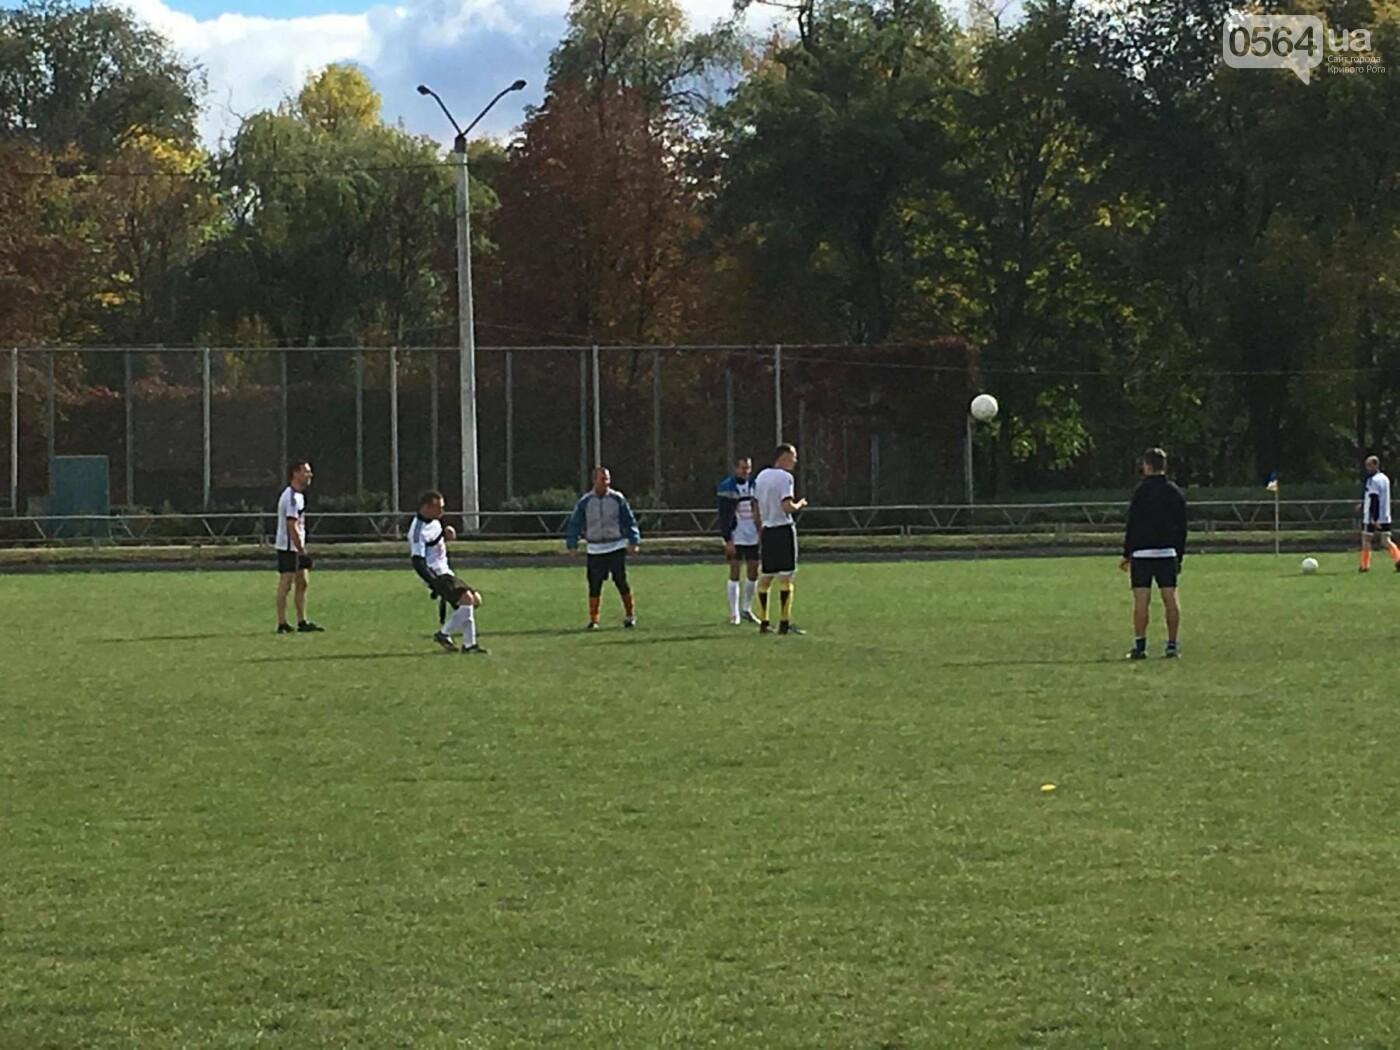 Криворожане пришли на футбольный матч чтобы поддержать бойцов АТО (ФОТО, ВИДЕО), фото-4